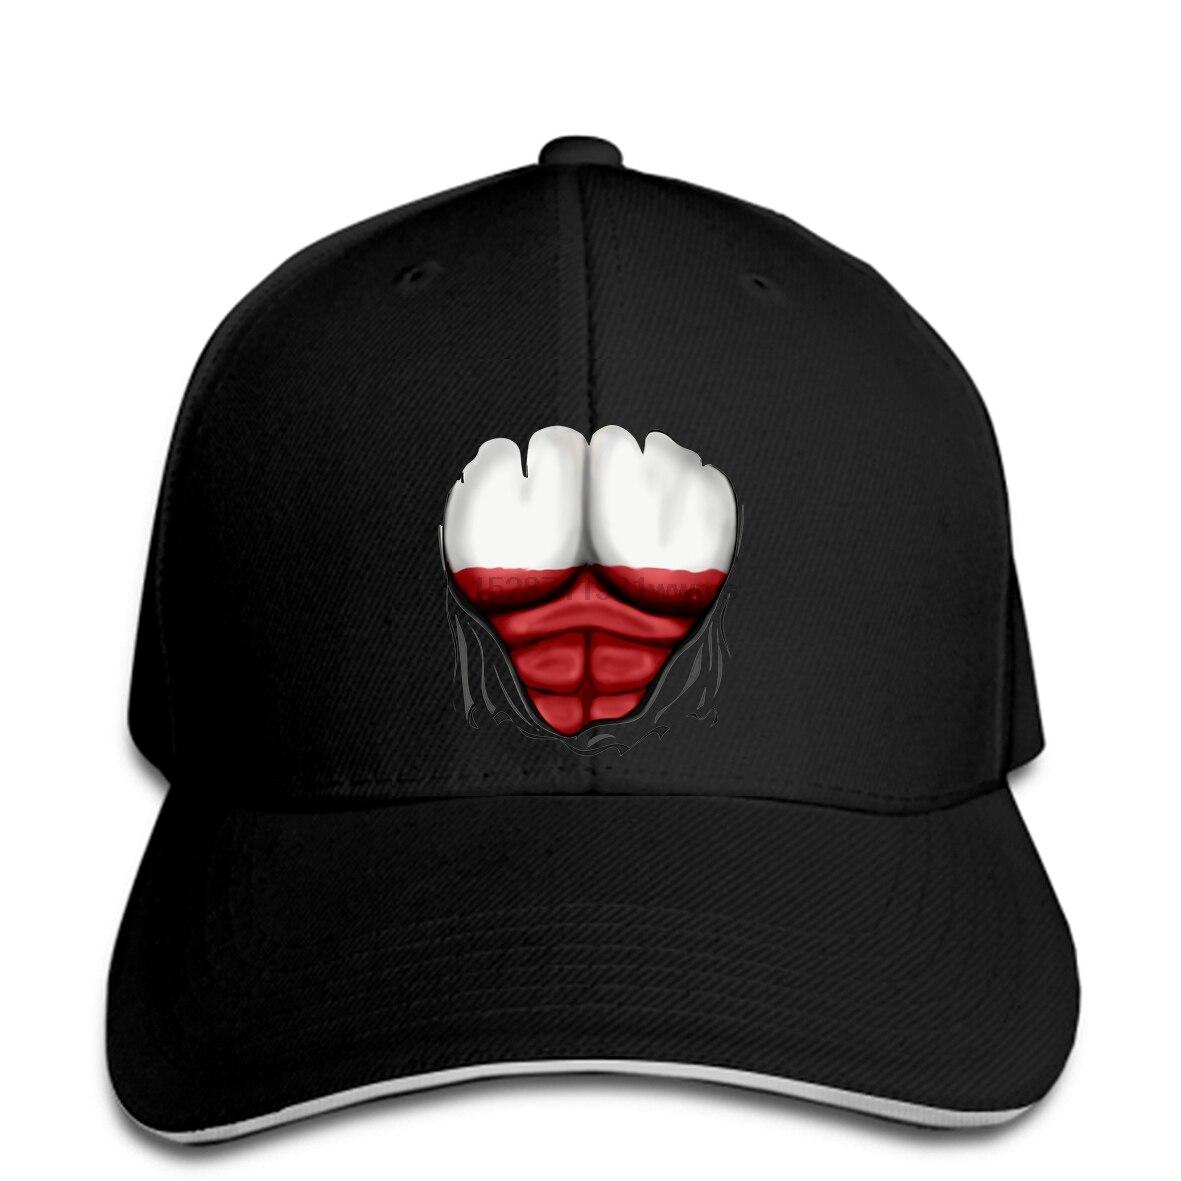 Симпатичный флаг Польши рваные мышцы брендовая Черная Мужская Снэпбэк Кепка Али с козырьком